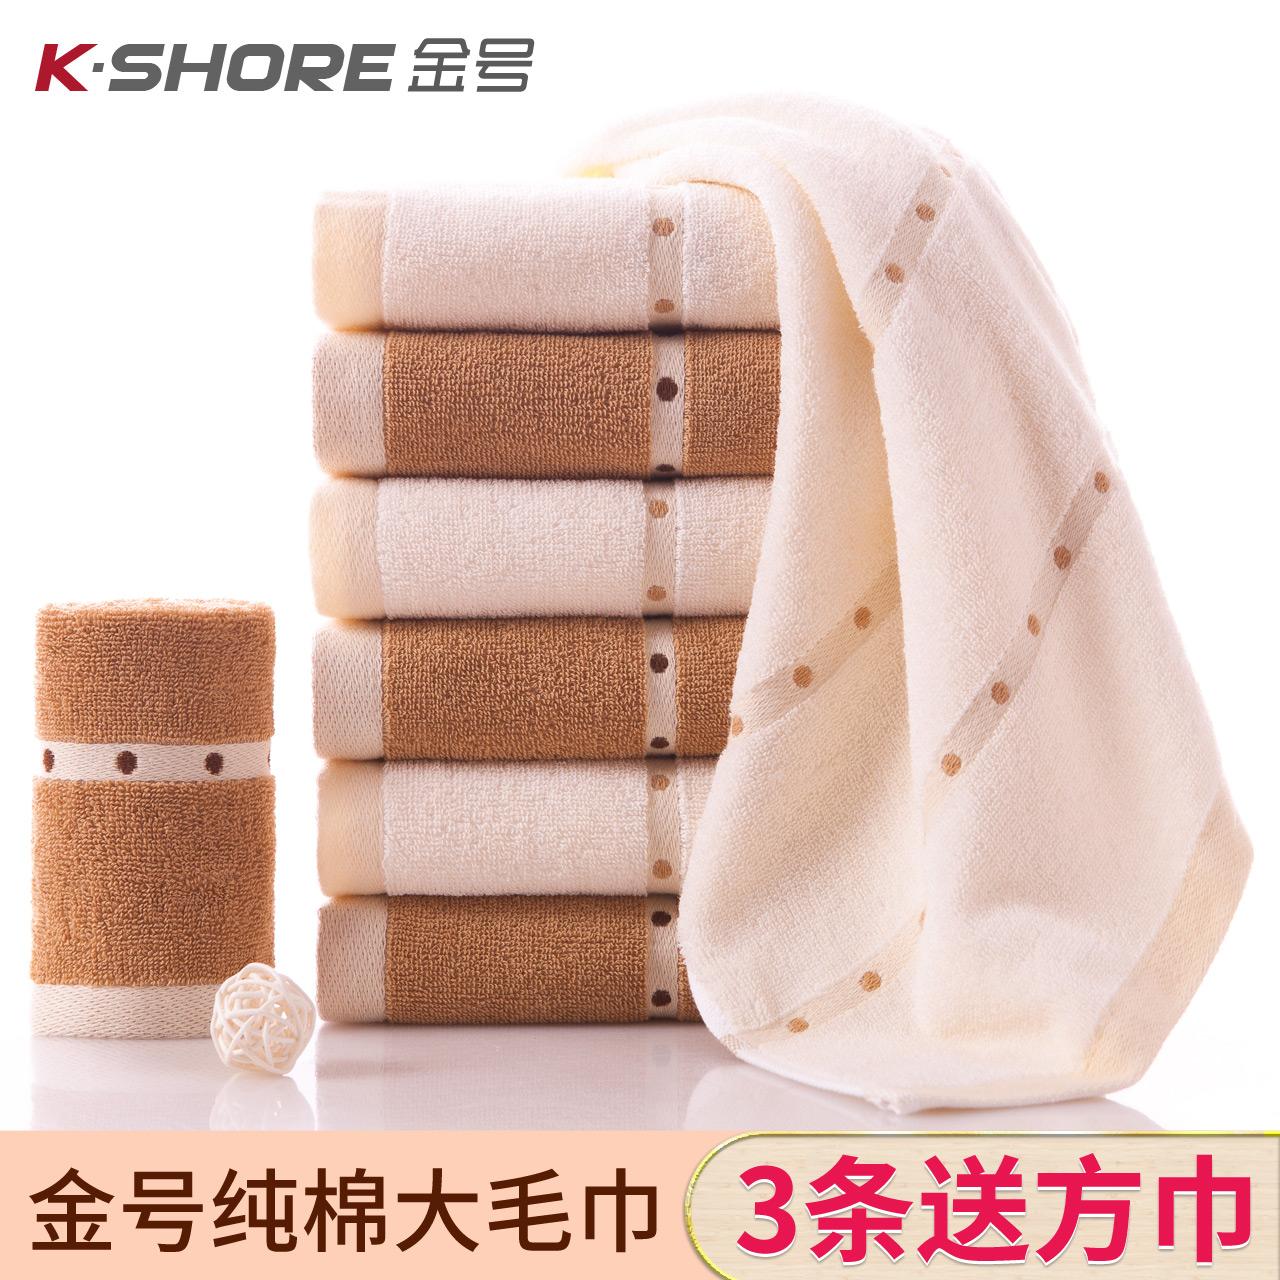 金号纯棉大毛巾 全棉厚实面巾 情侣成人家用洗脸巾 柔软吸水舒适